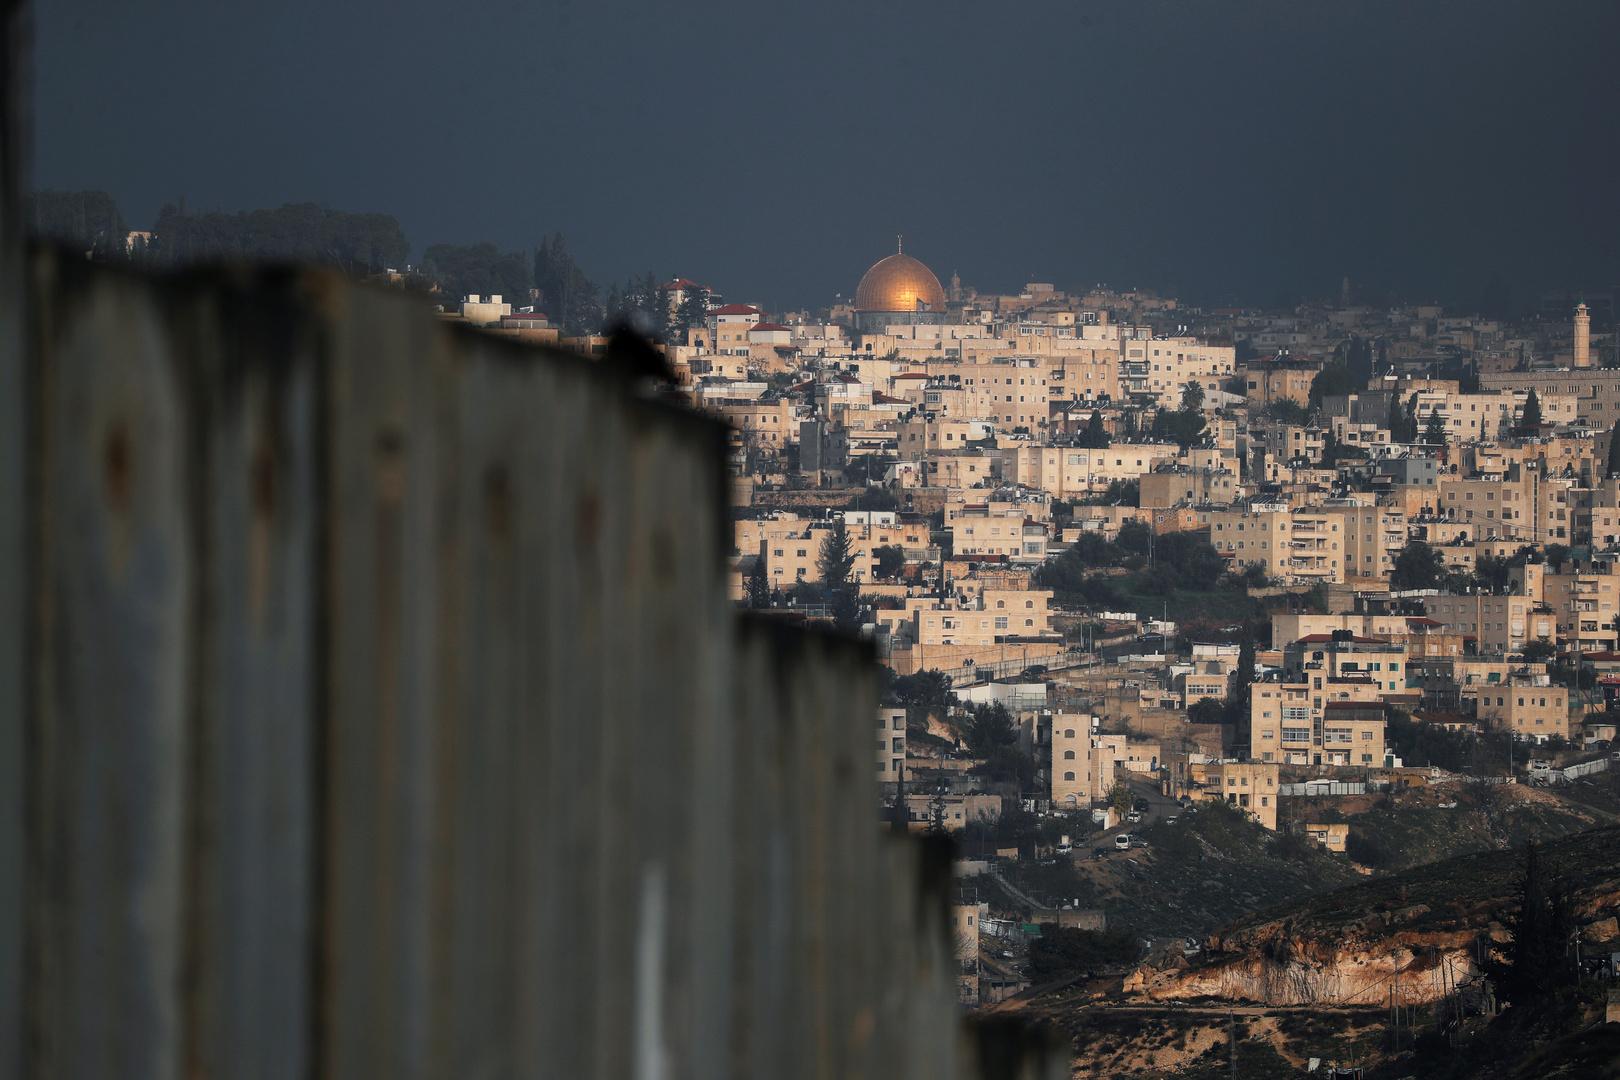 السلطة الفلسطينية: نقل هندوراس سفارتها للقدس انتهاك للقانون الدولي وإهانة لشعوب أمريكا اللاتينية